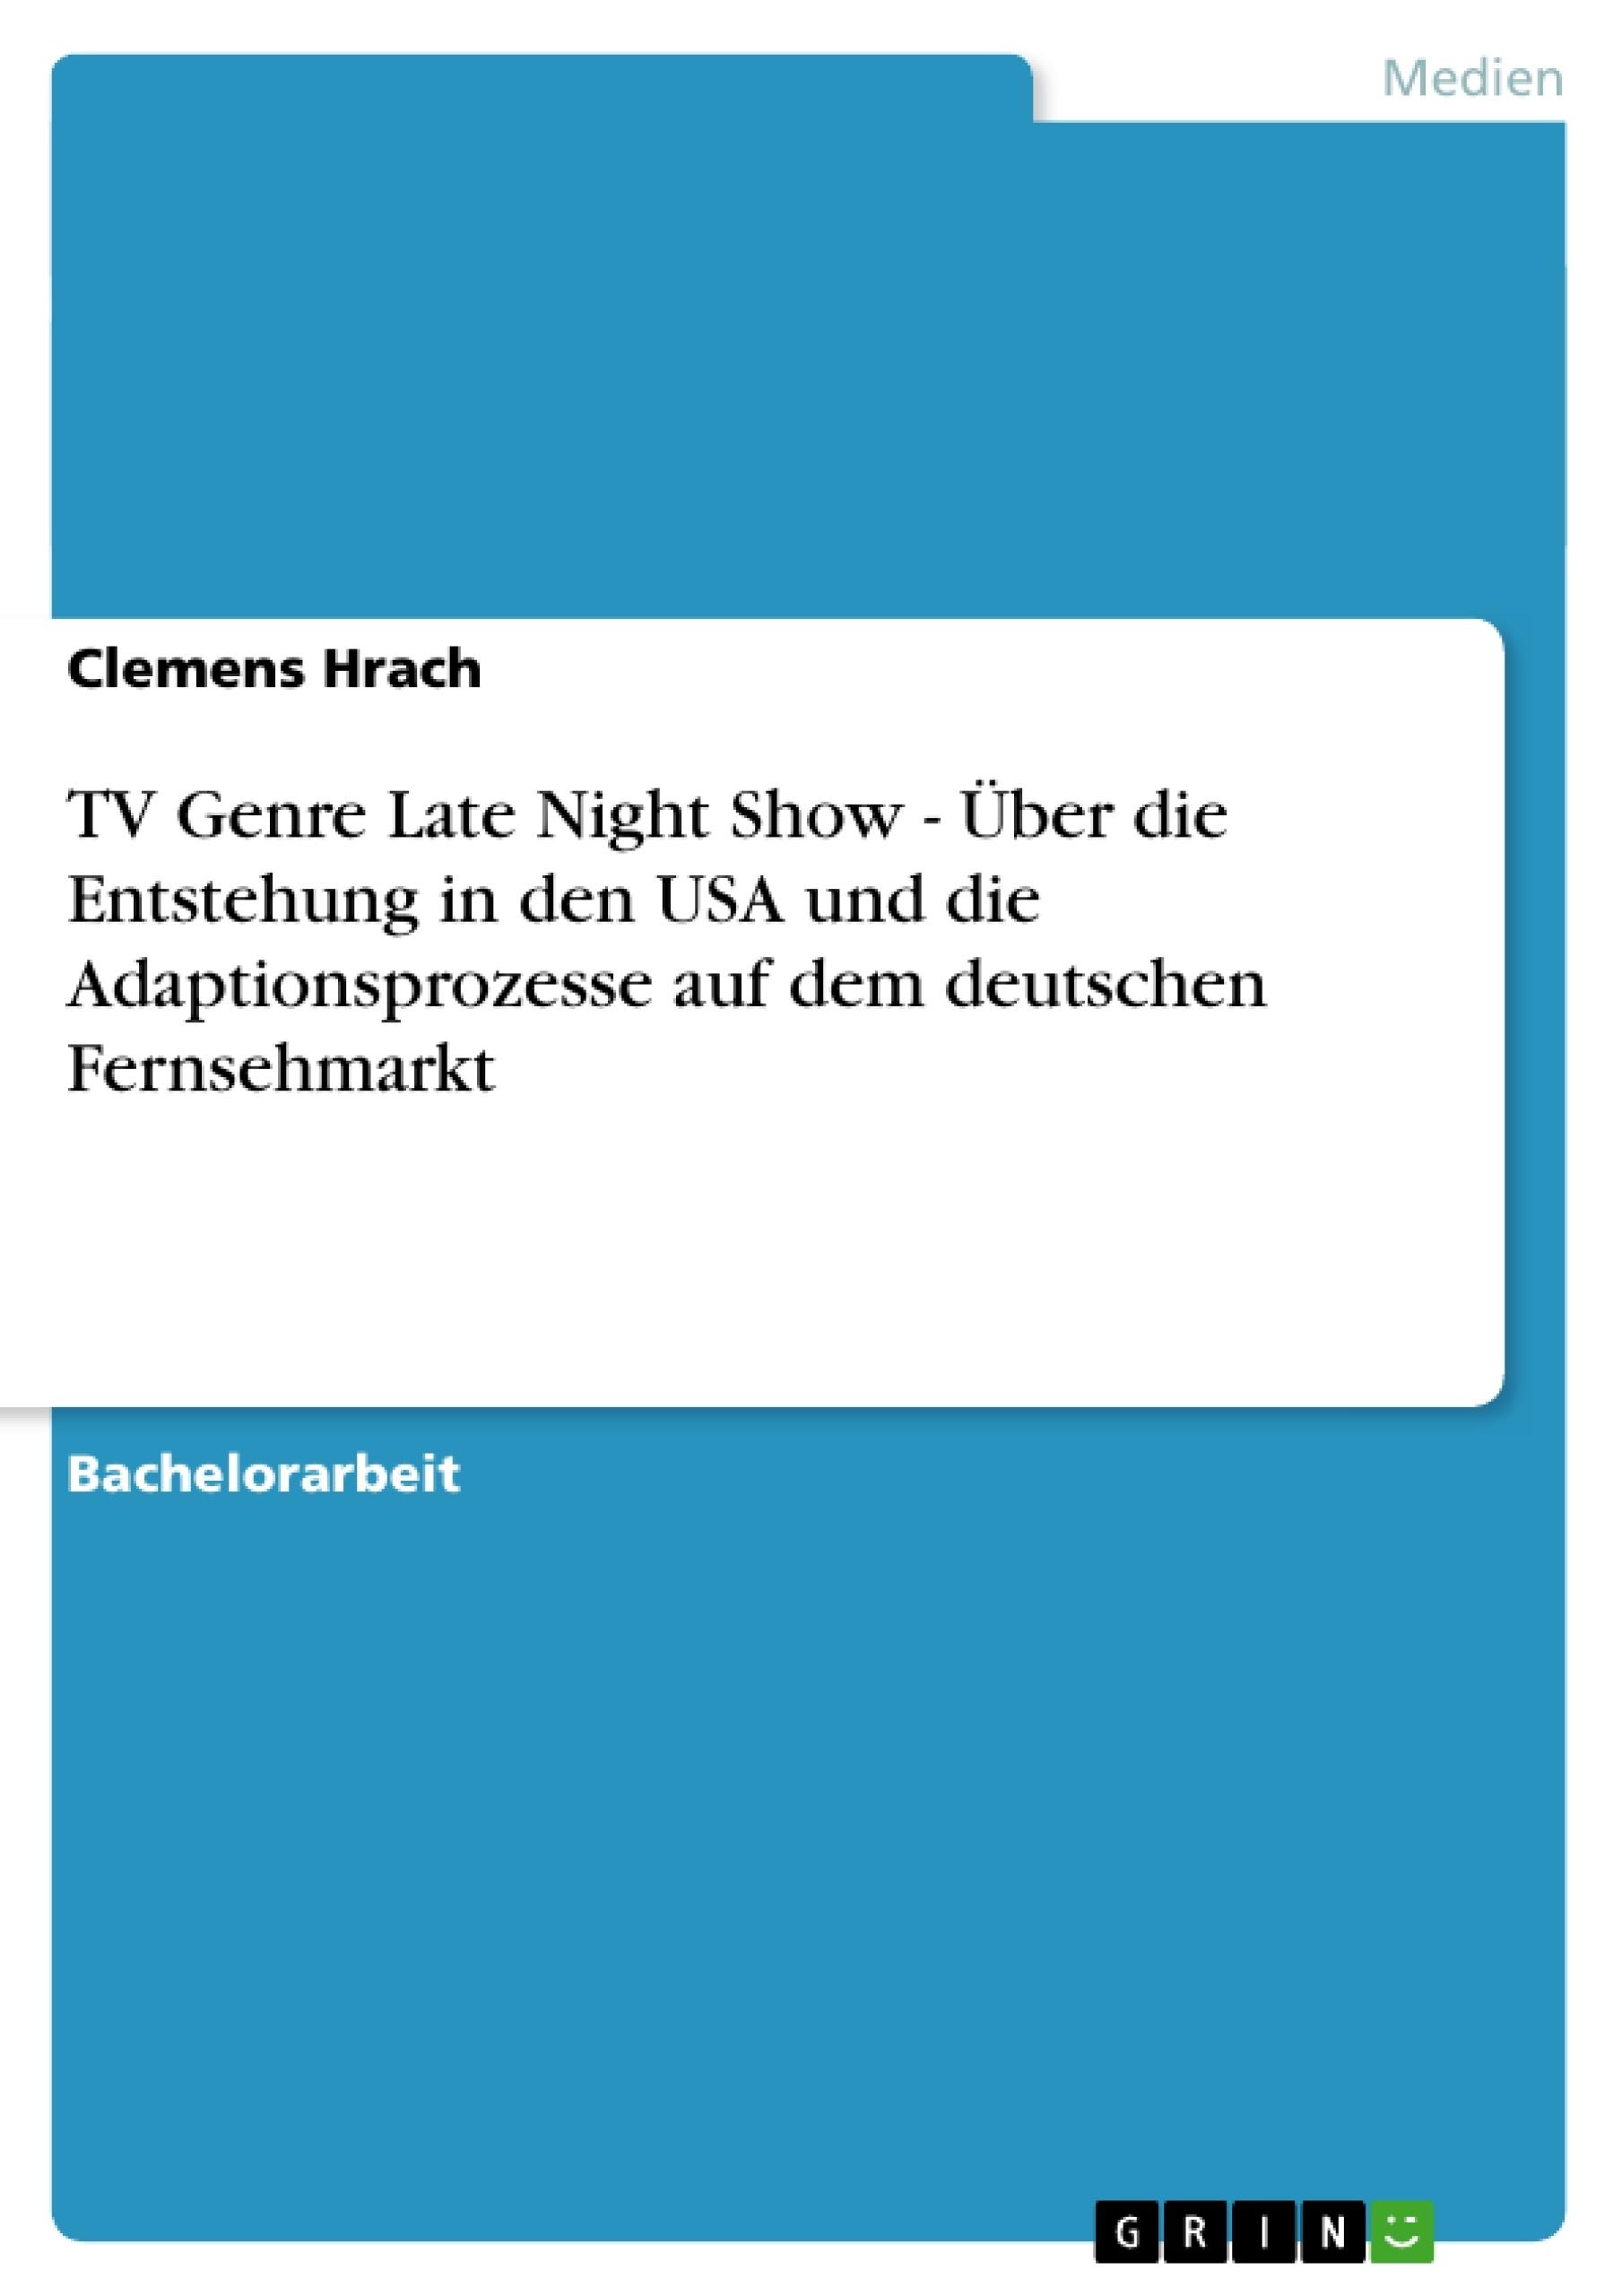 Titel: TV Genre Late Night Show - Über die Entstehung in den USA und die Adaptionsprozesse auf dem deutschen Fernsehmarkt